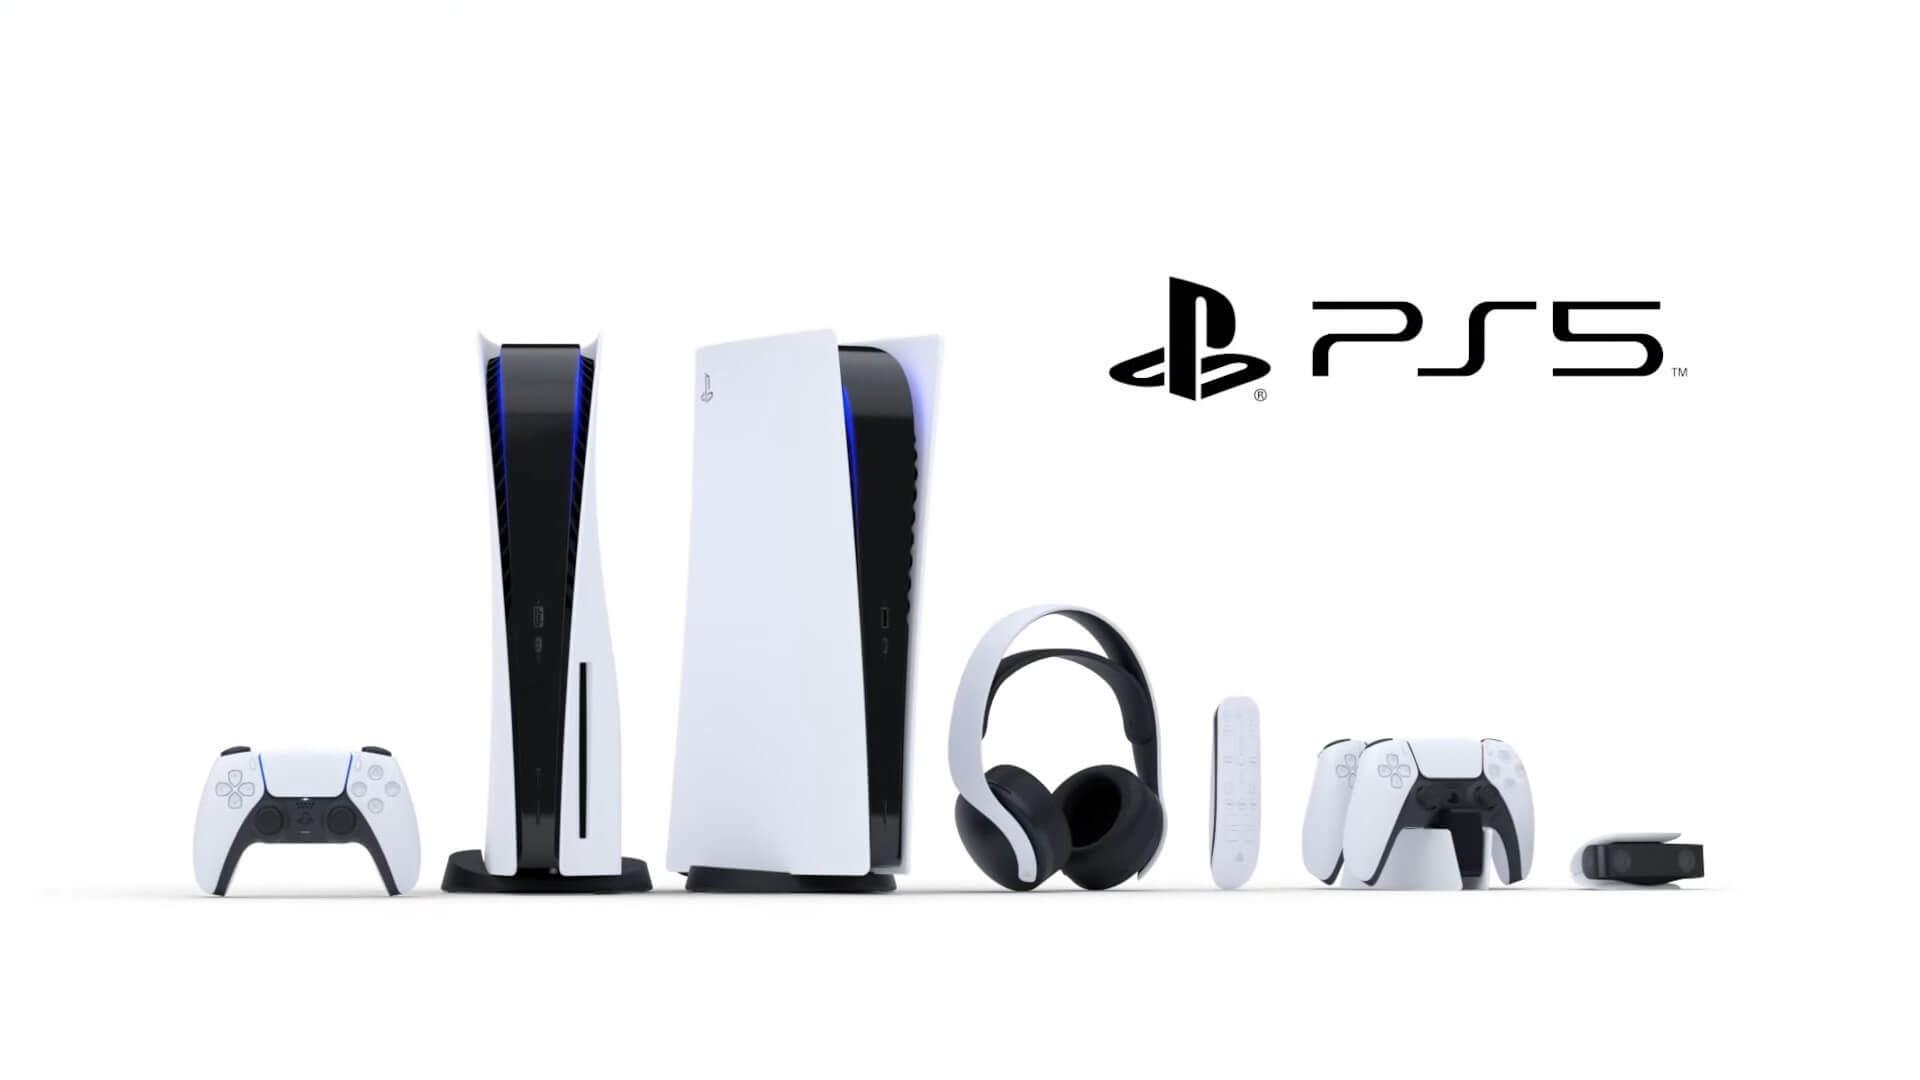 Дата выхода и стоимость PlayStation 5 и её аксессуаров